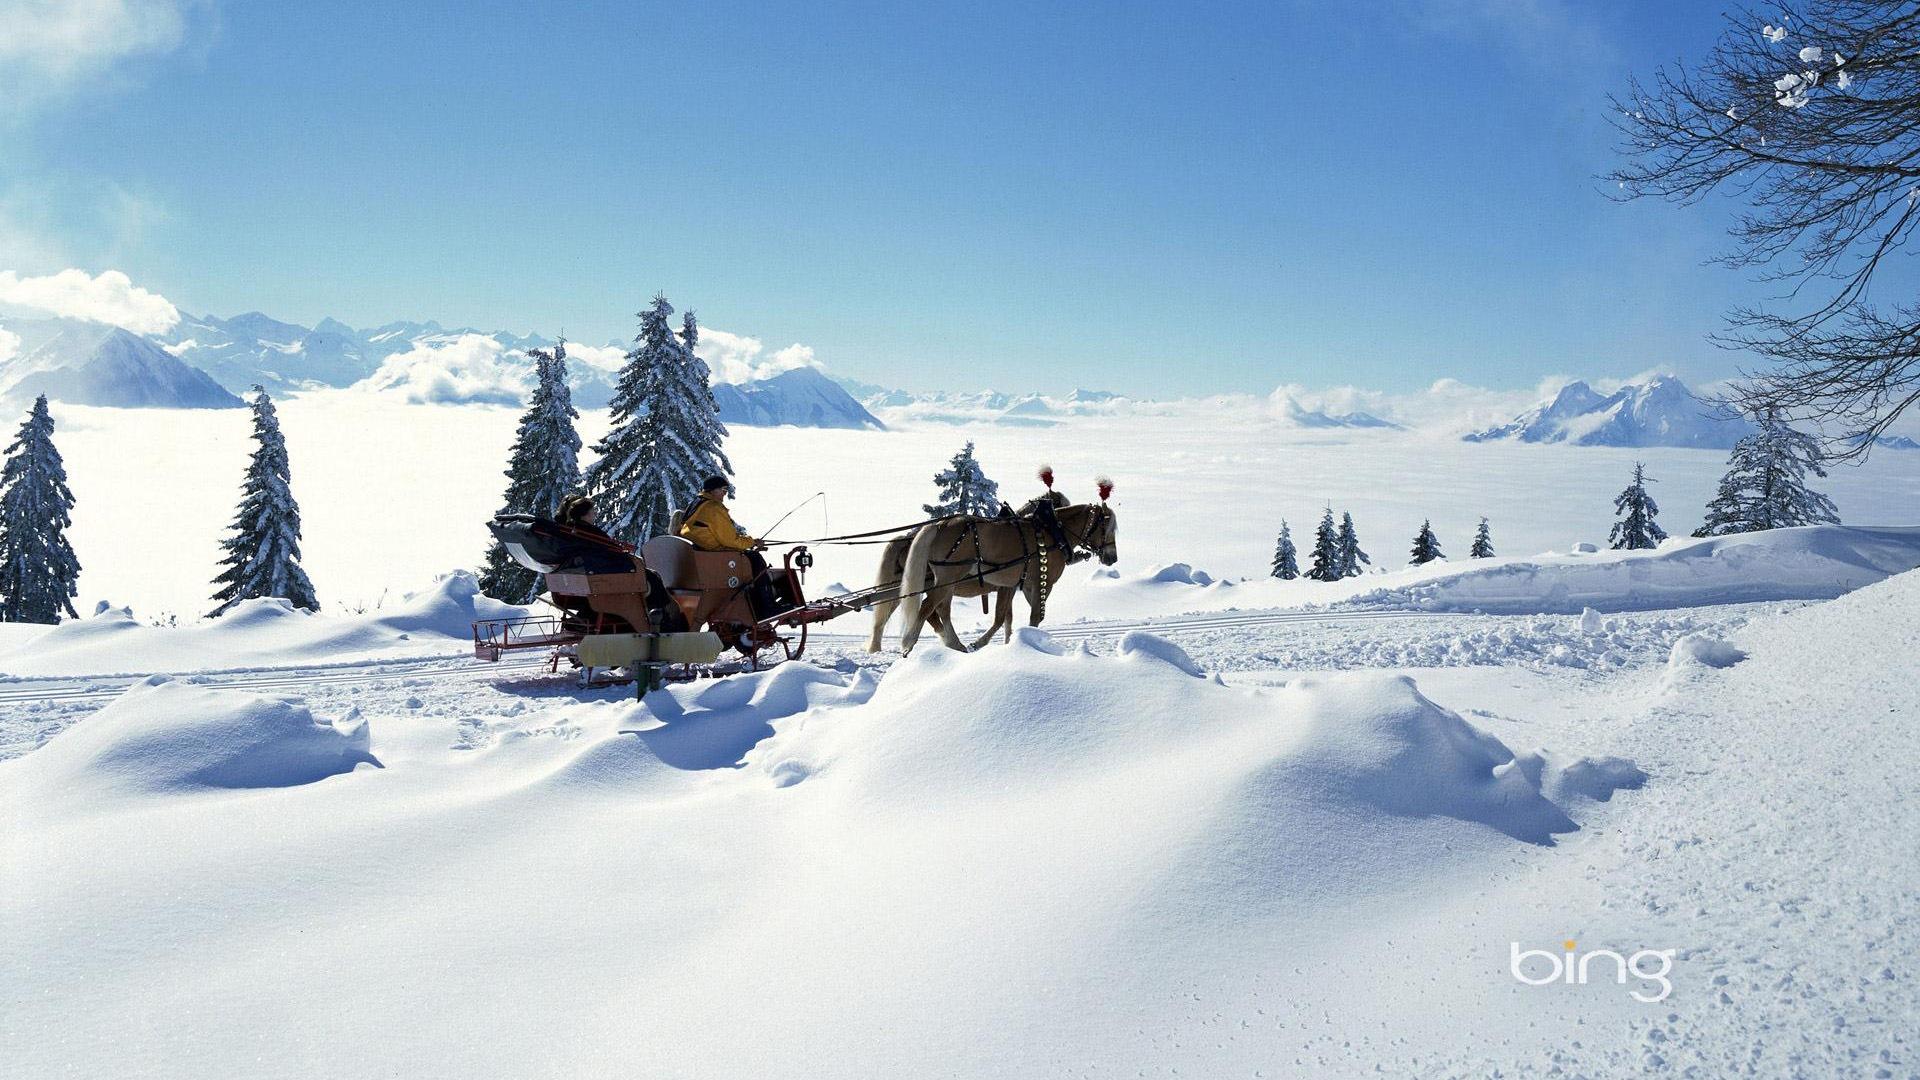 Neige d 39 hiver fonds d 39 cran hd magnifique de paysages 17 for Fond ecran hiver hd